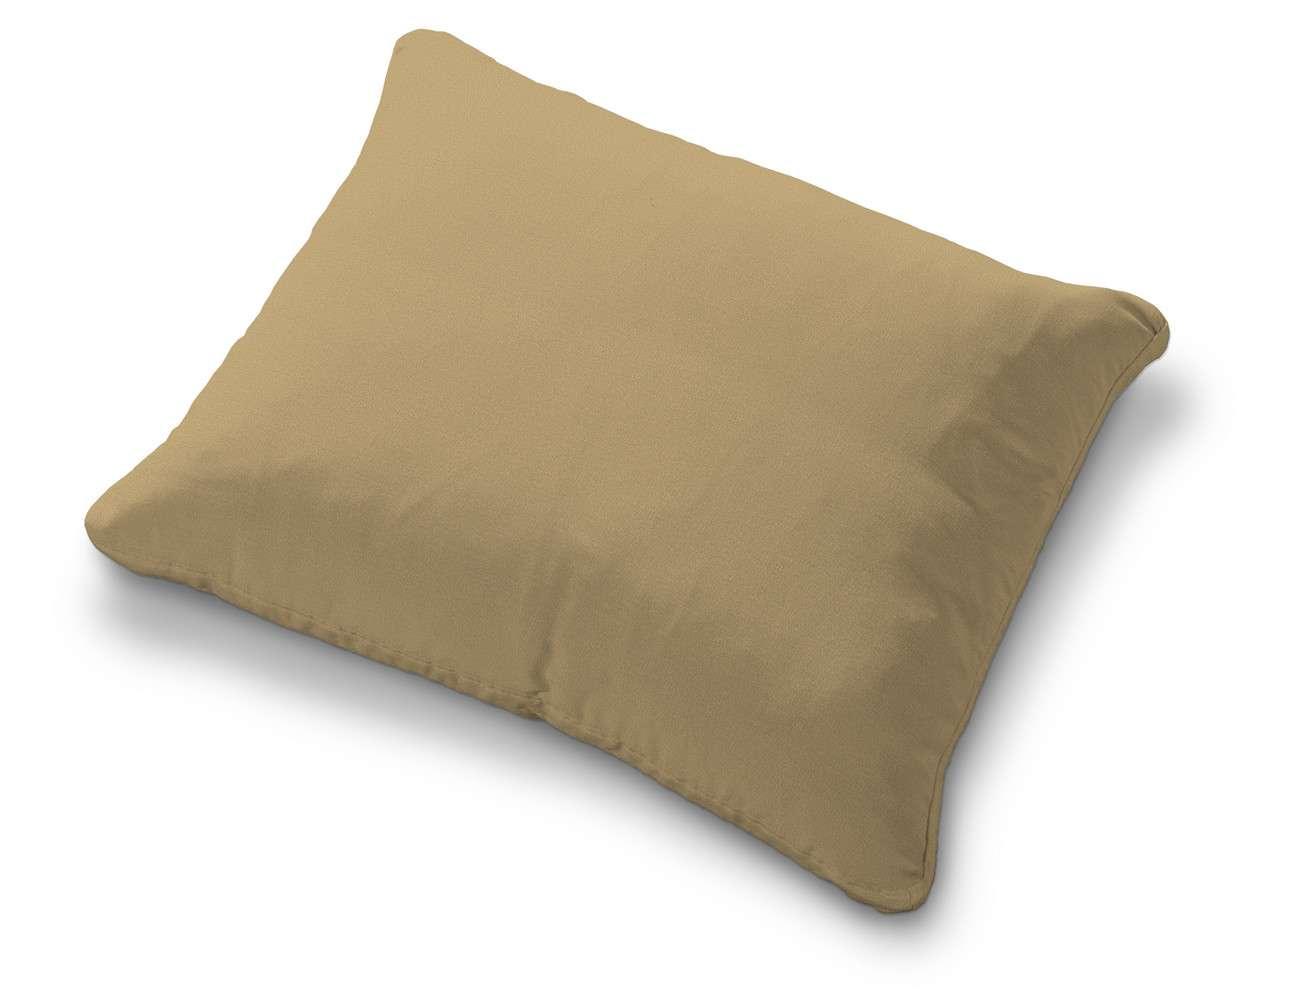 Poszewka na poduszkę Karlstad 58x48cm w kolekcji Living, tkanina: 160-93